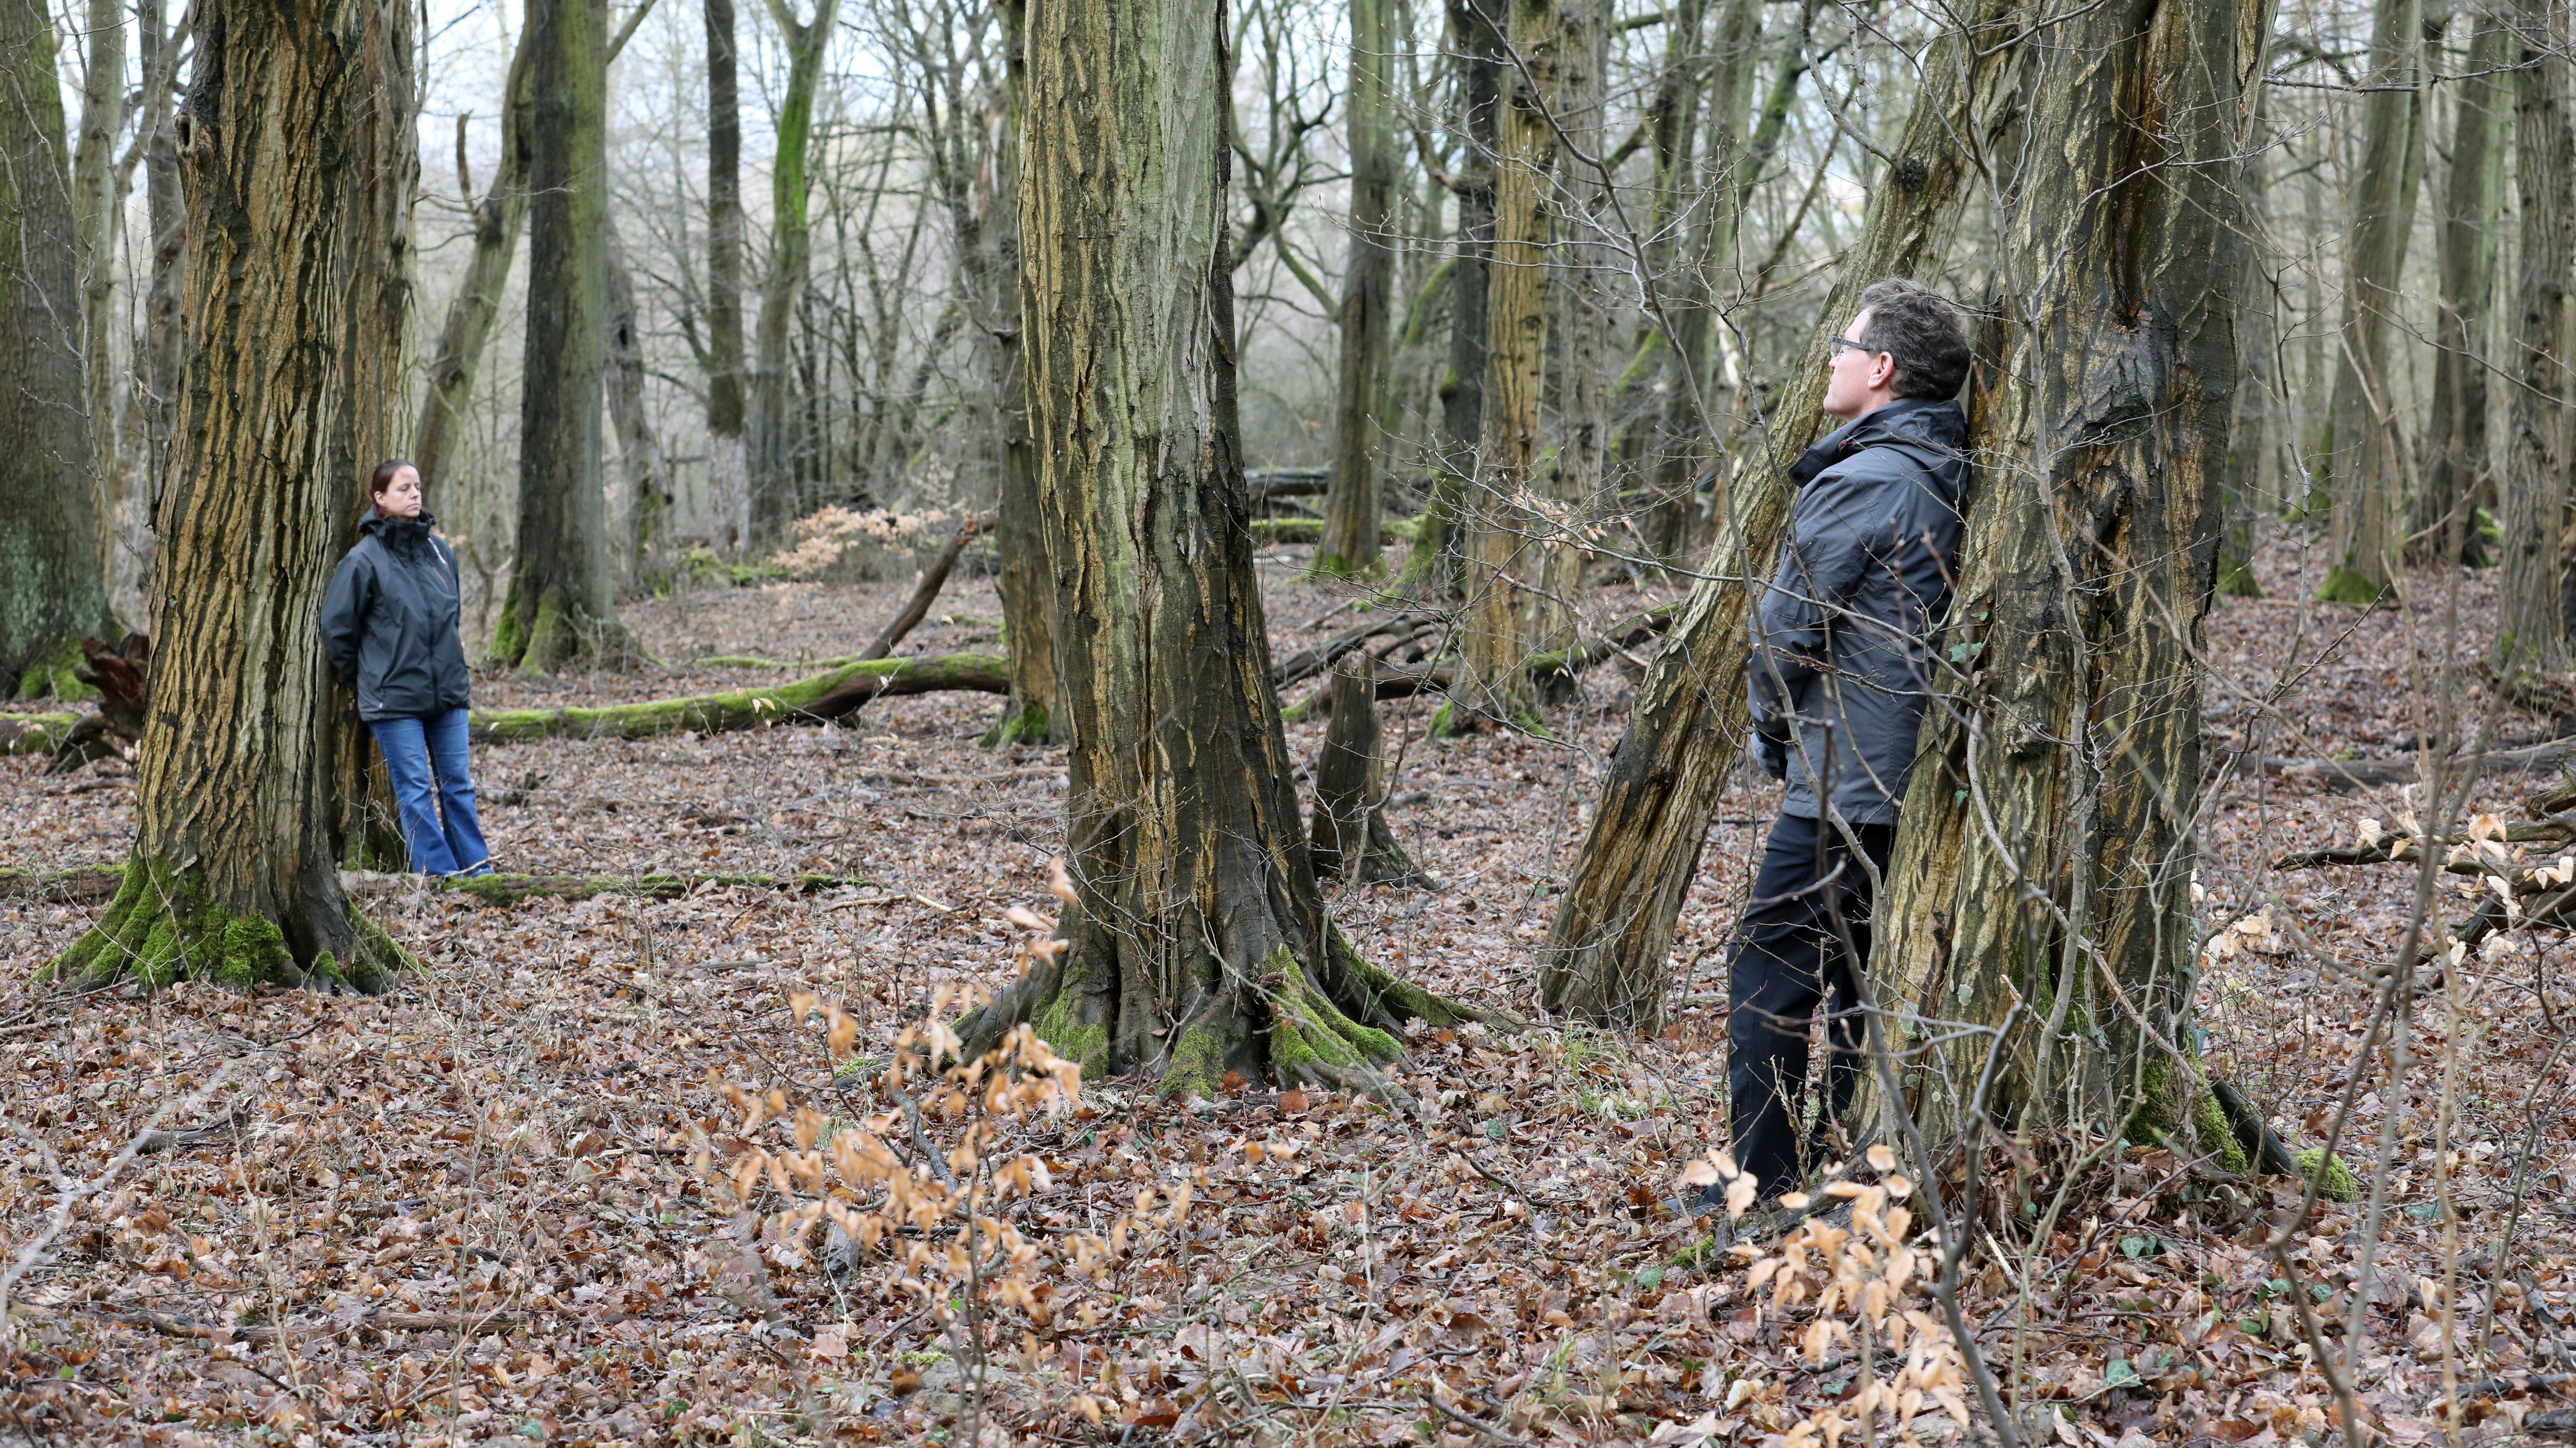 Ein Mann und eine Frau lehnen jeweils an einem Baum im Wald, es ist Herbst, beide tragen eine Jacke und der Boden ist mit Blättern bedeckt.